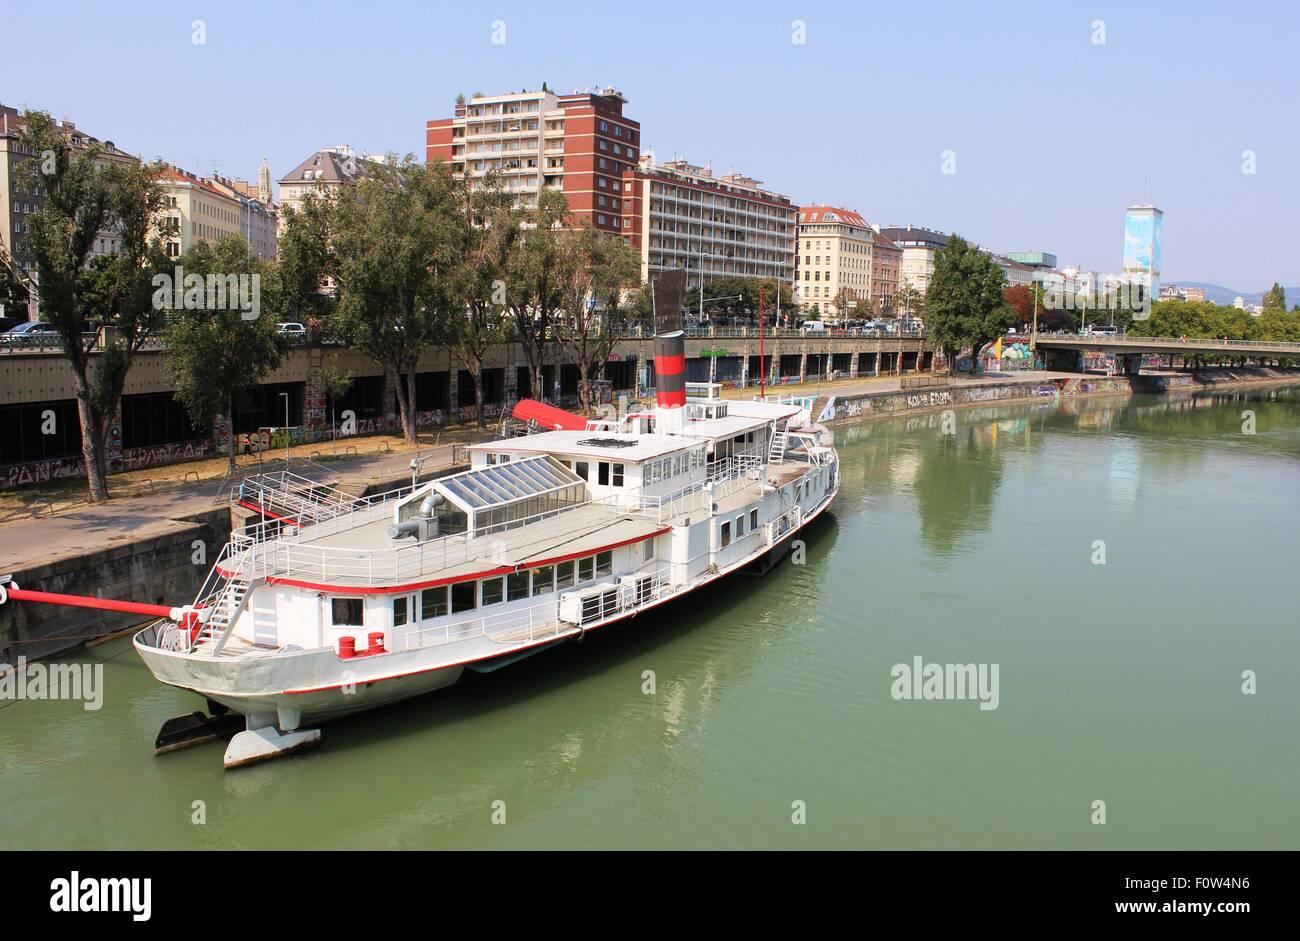 Walzerschiff Johann Strauss - Flussschiff am Donaukanal ...